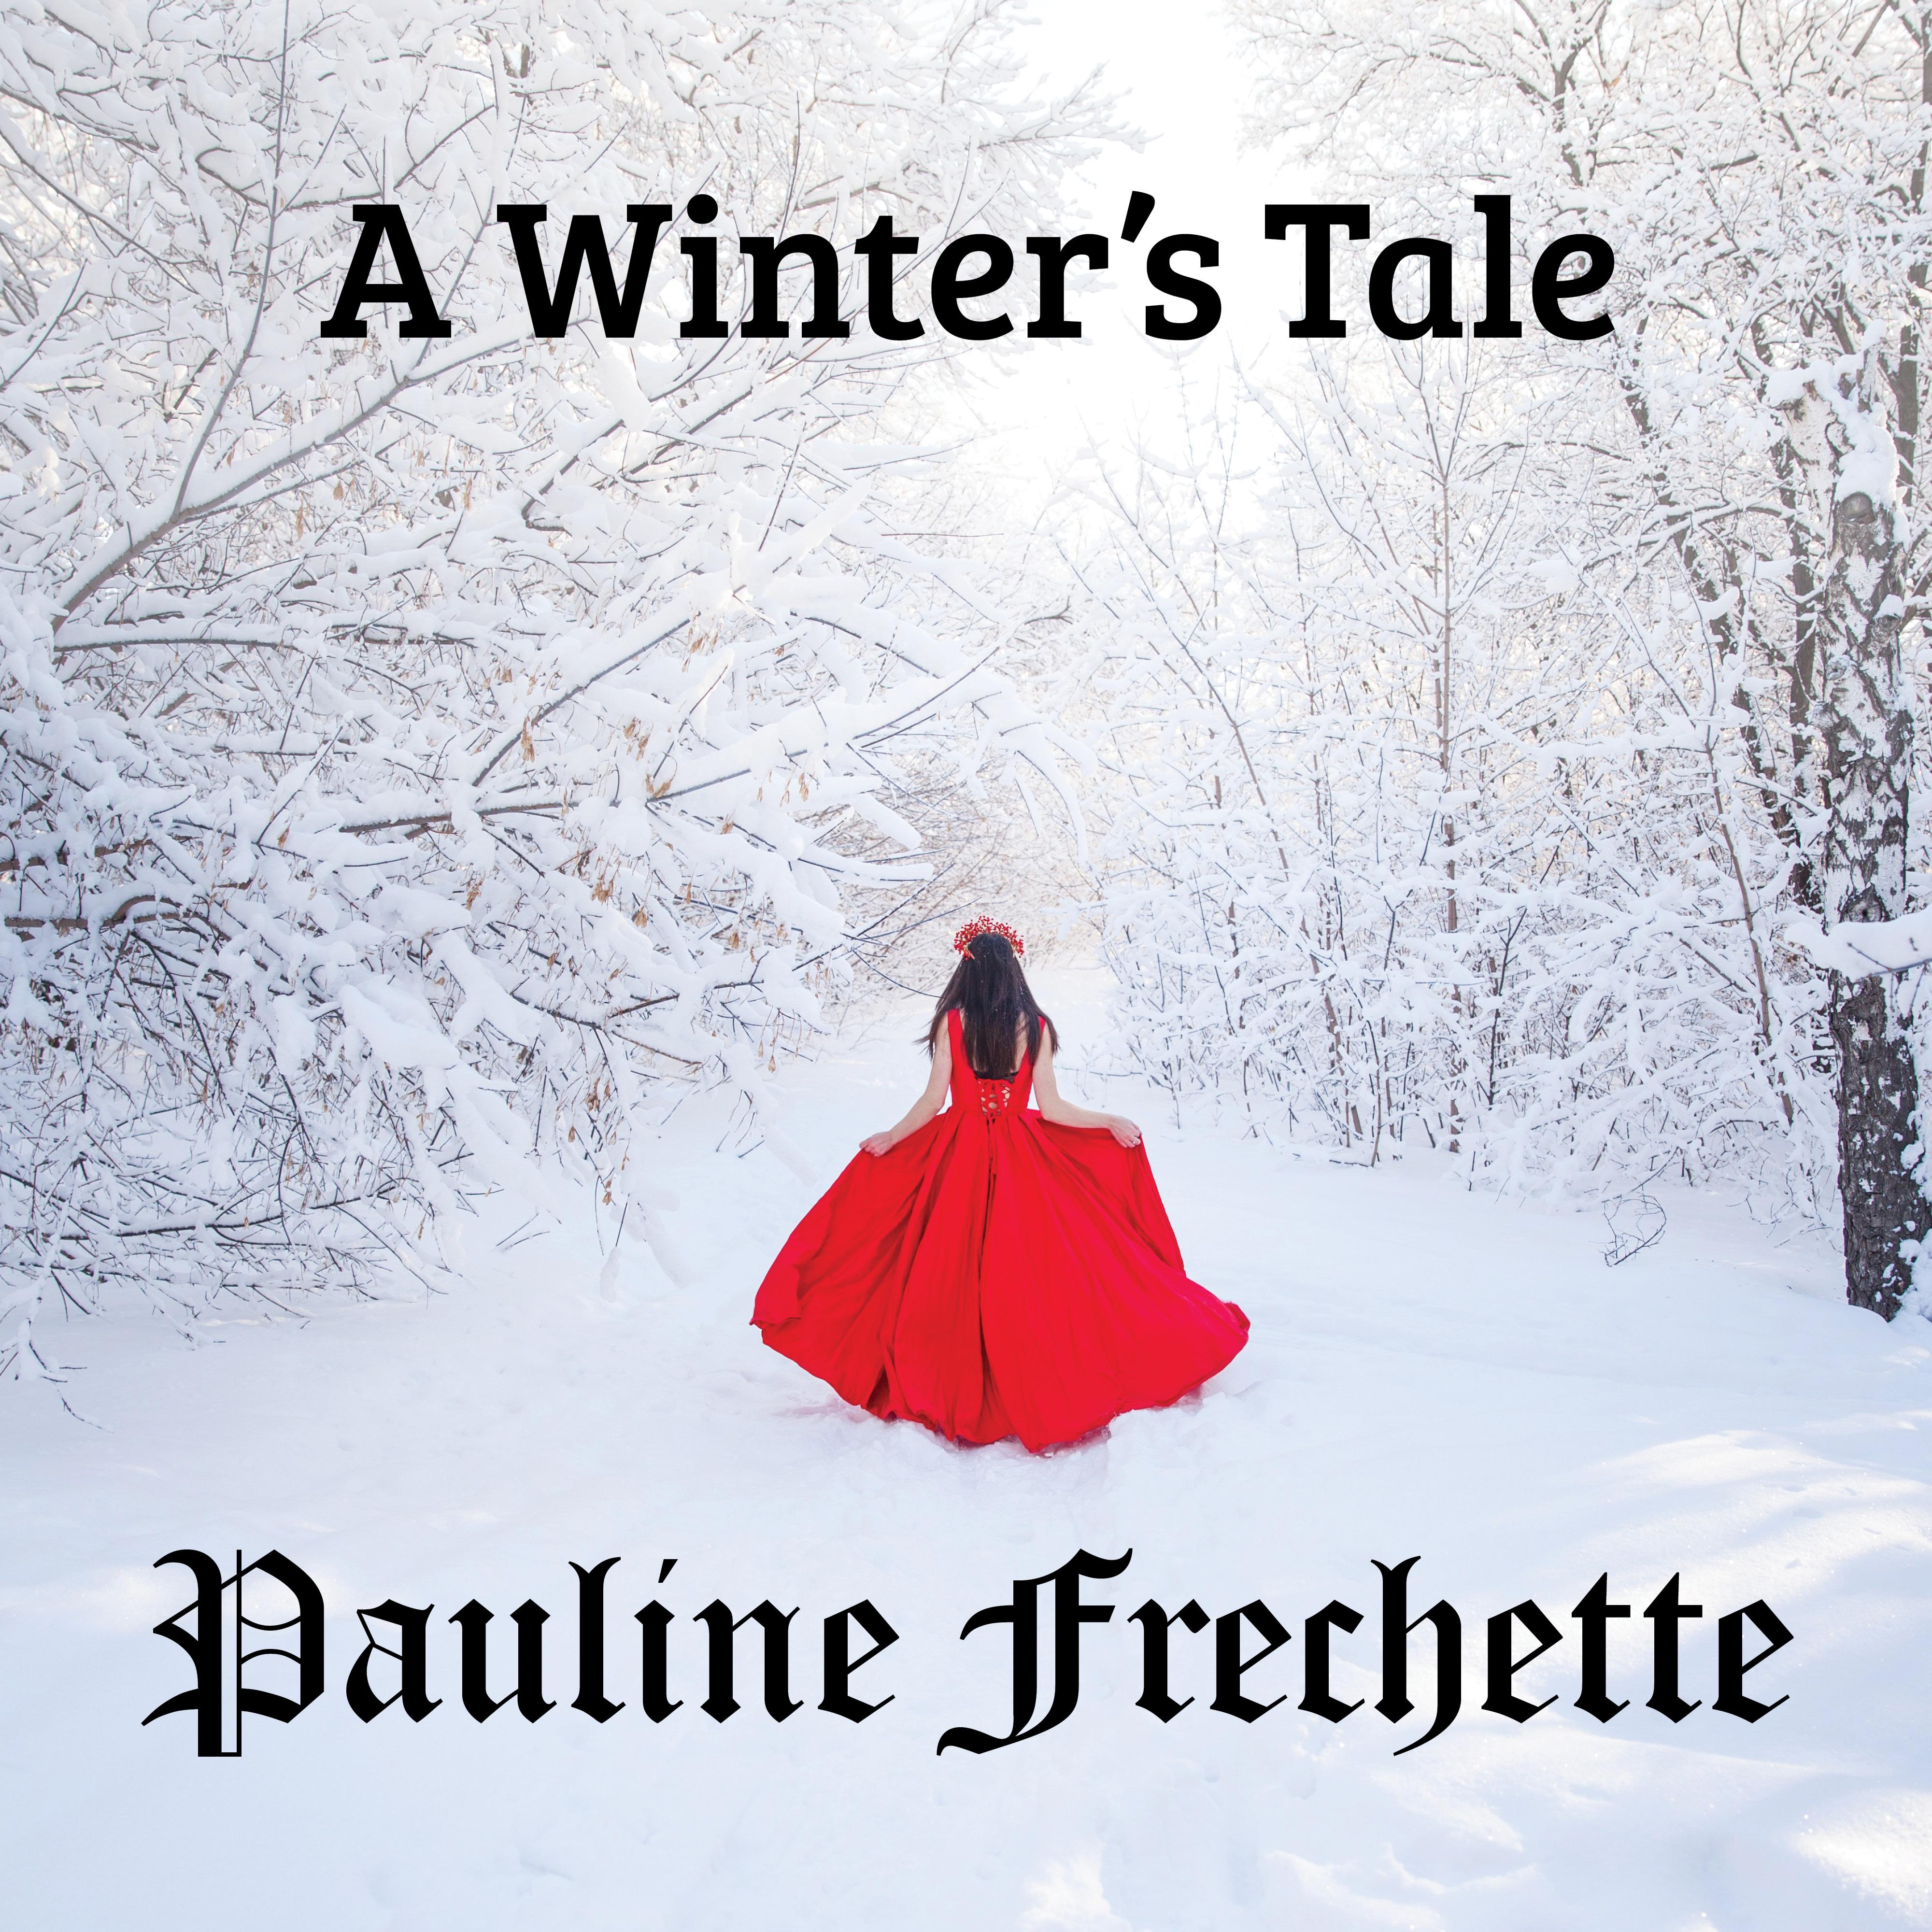 A Winter's Tale by Pauline Frechette